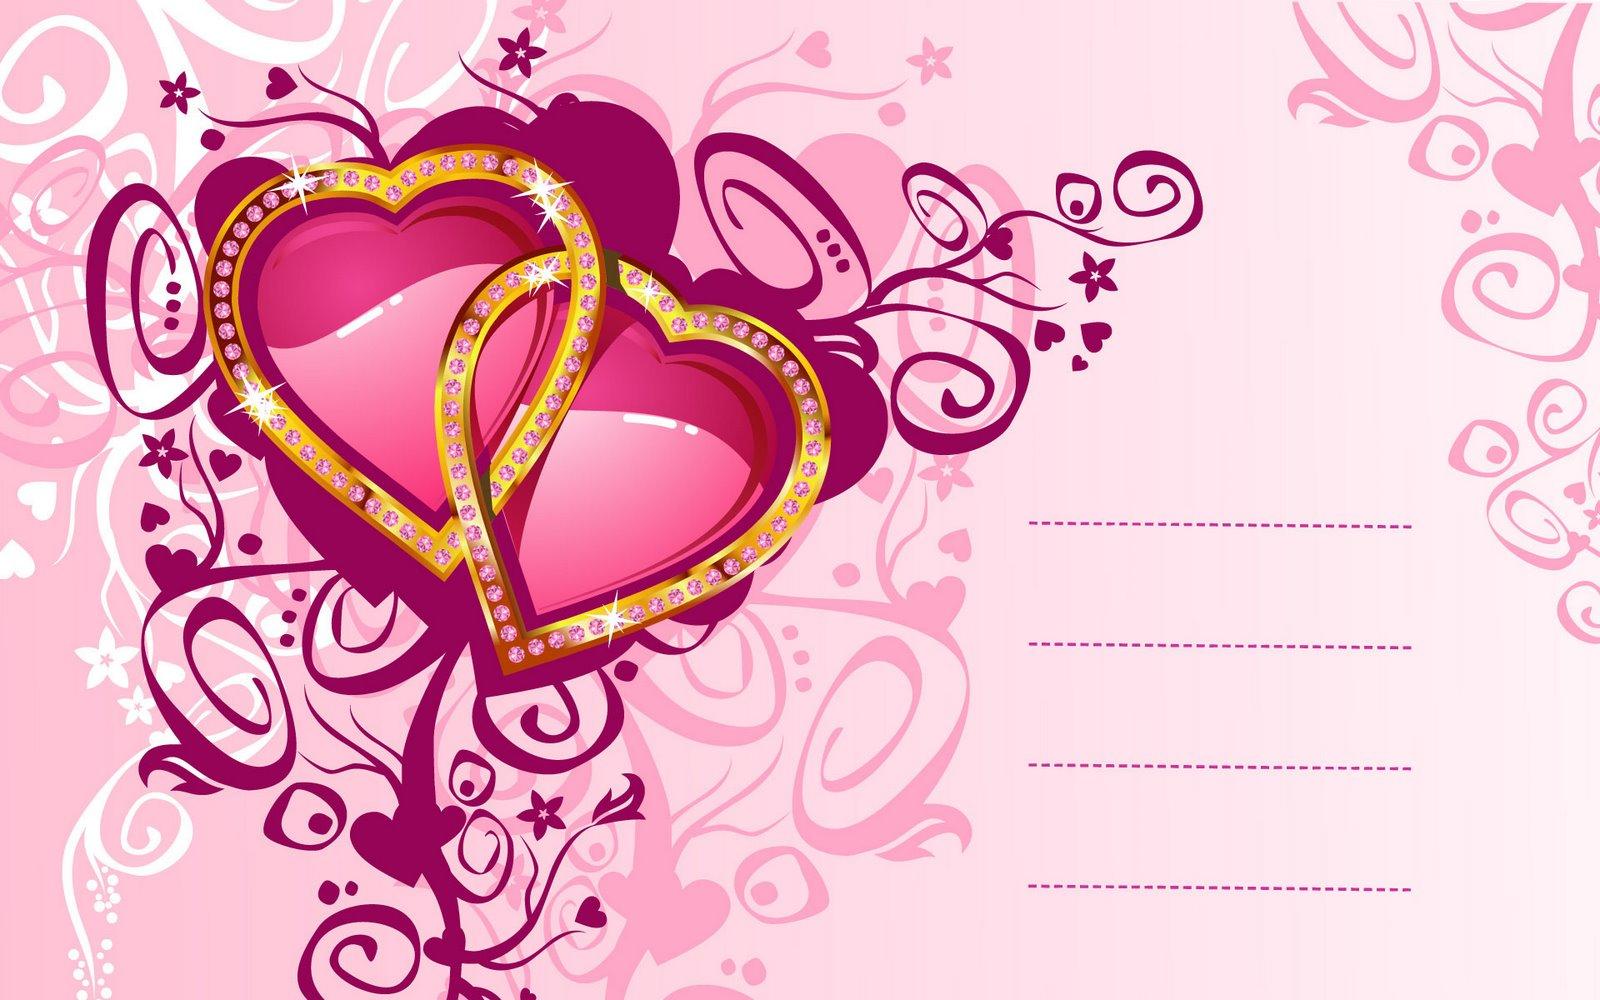 http://2.bp.blogspot.com/_aRwQGx3s_sg/S88HHLZw-lI/AAAAAAAAAI4/IZP9u1NZAT8/s1600/Love-Wallpaper-5.jpg